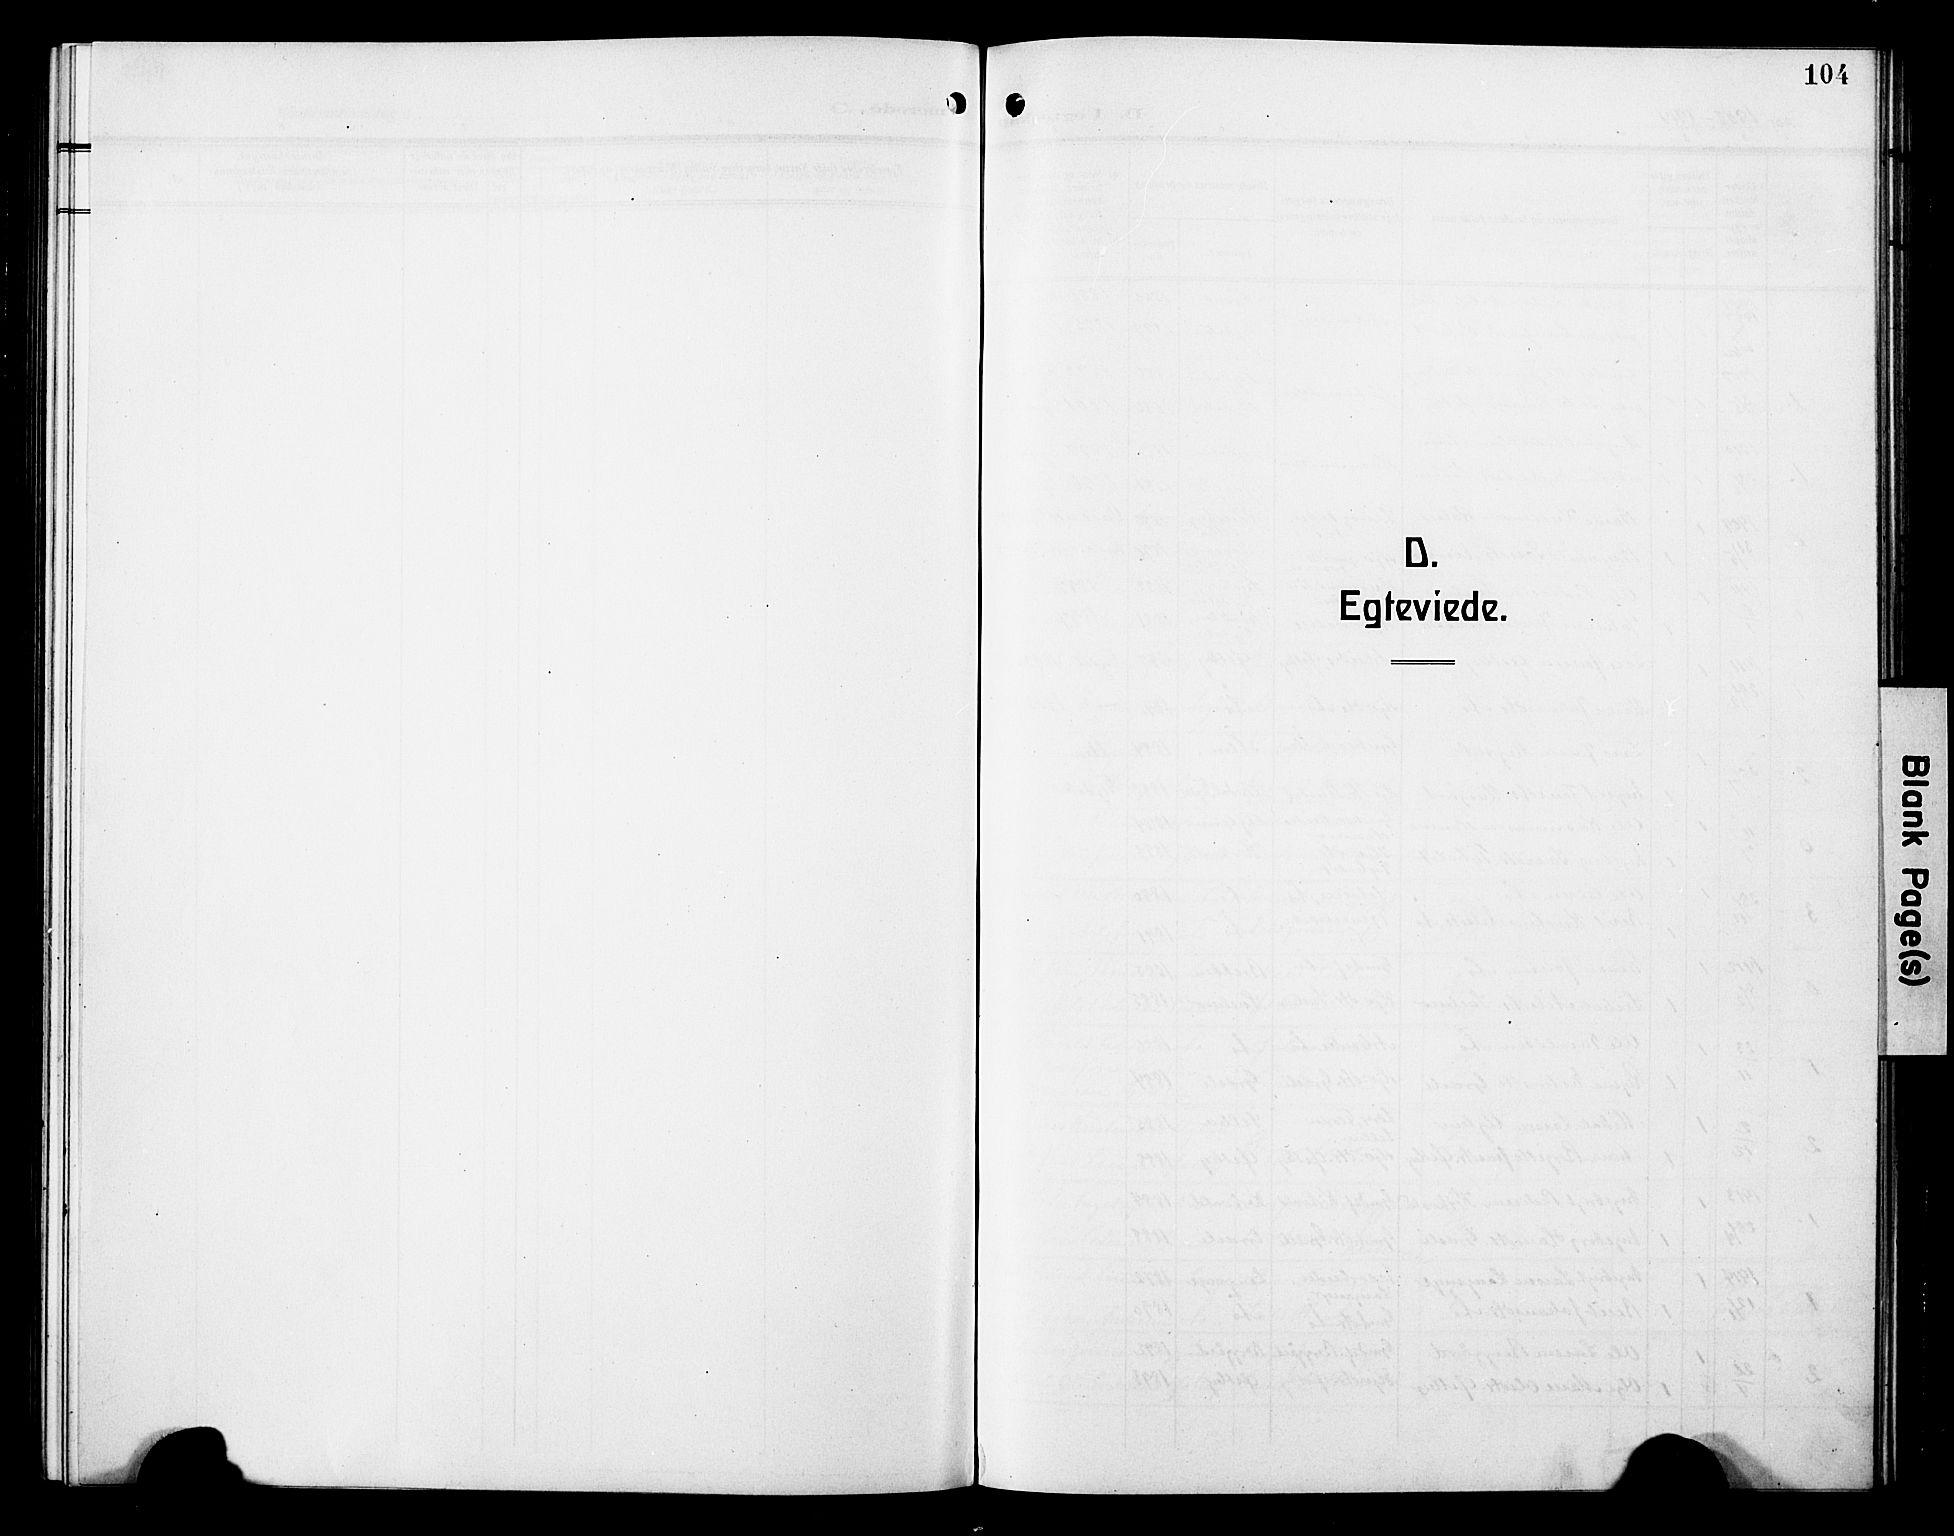 SAT, Ministerialprotokoller, klokkerbøker og fødselsregistre - Sør-Trøndelag, 698/L1168: Klokkerbok nr. 698C05, 1908-1930, s. 104